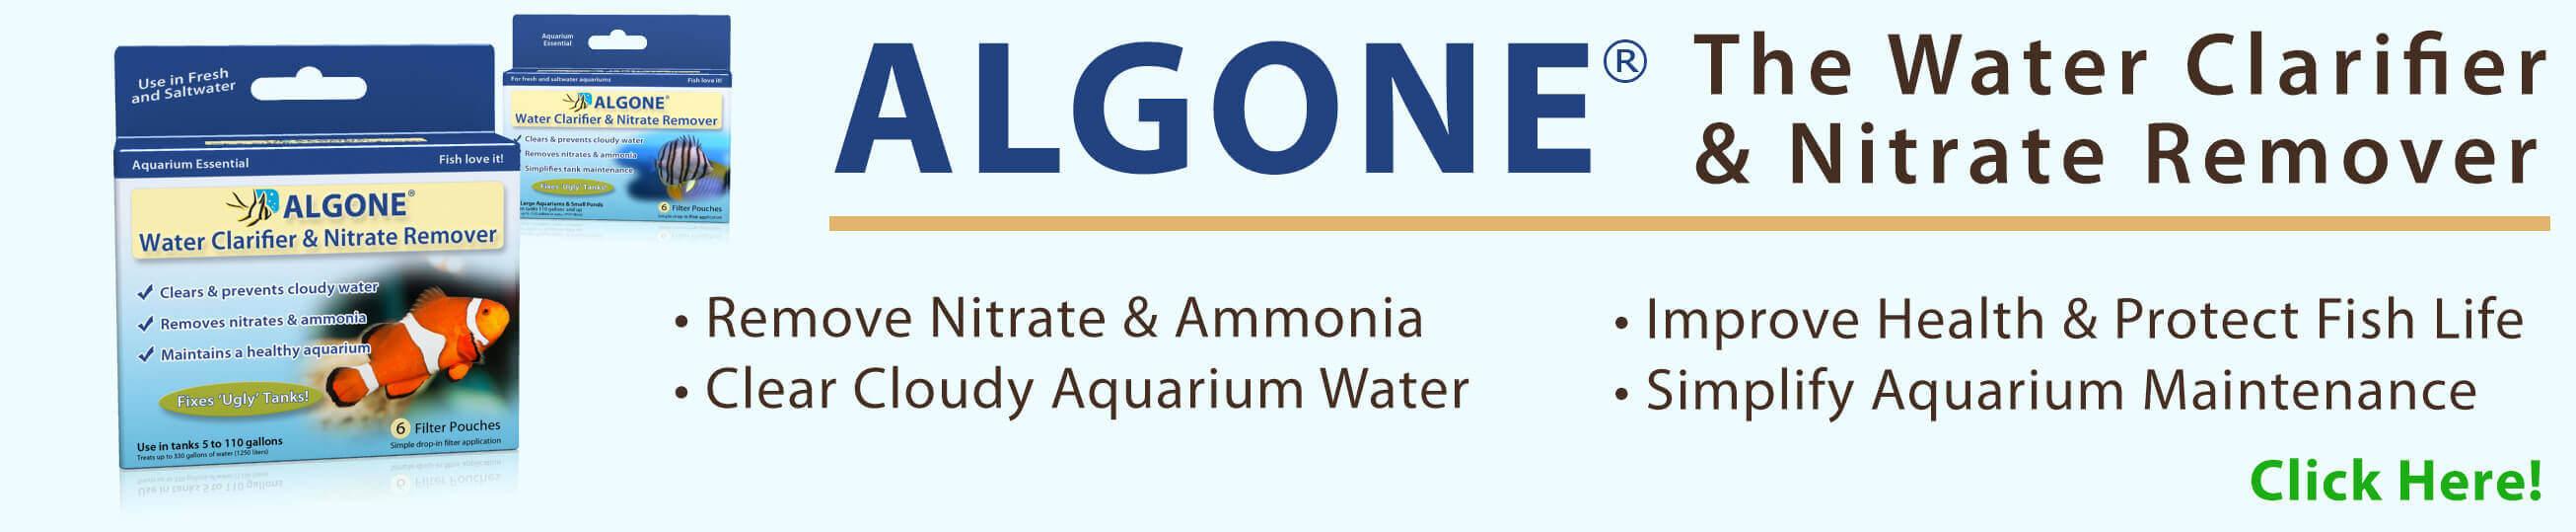 Algone aquarium water clarifier